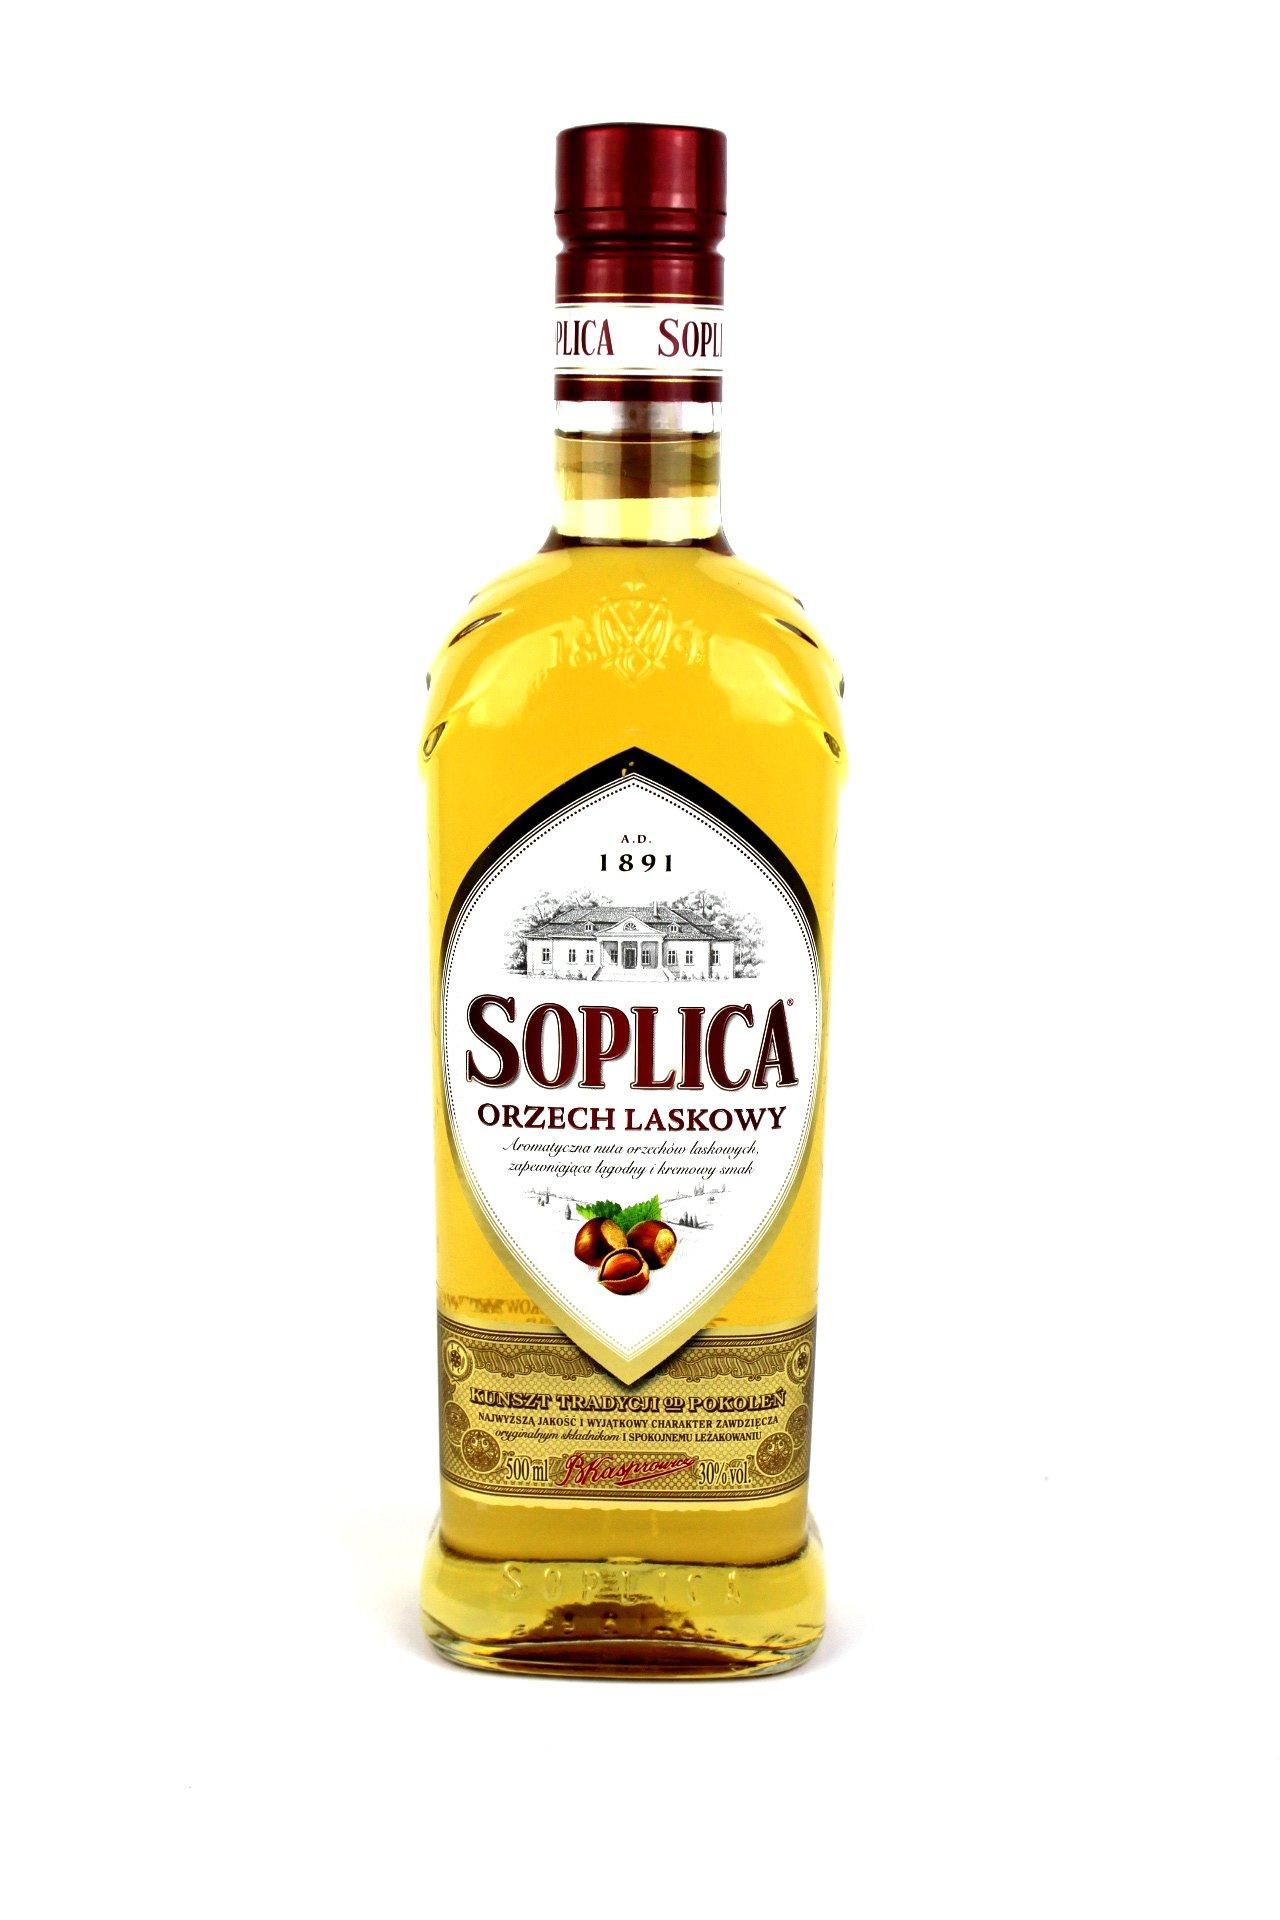 Soplica-Haselnuss-Orzech-Laskowy-1-x-05-l-30